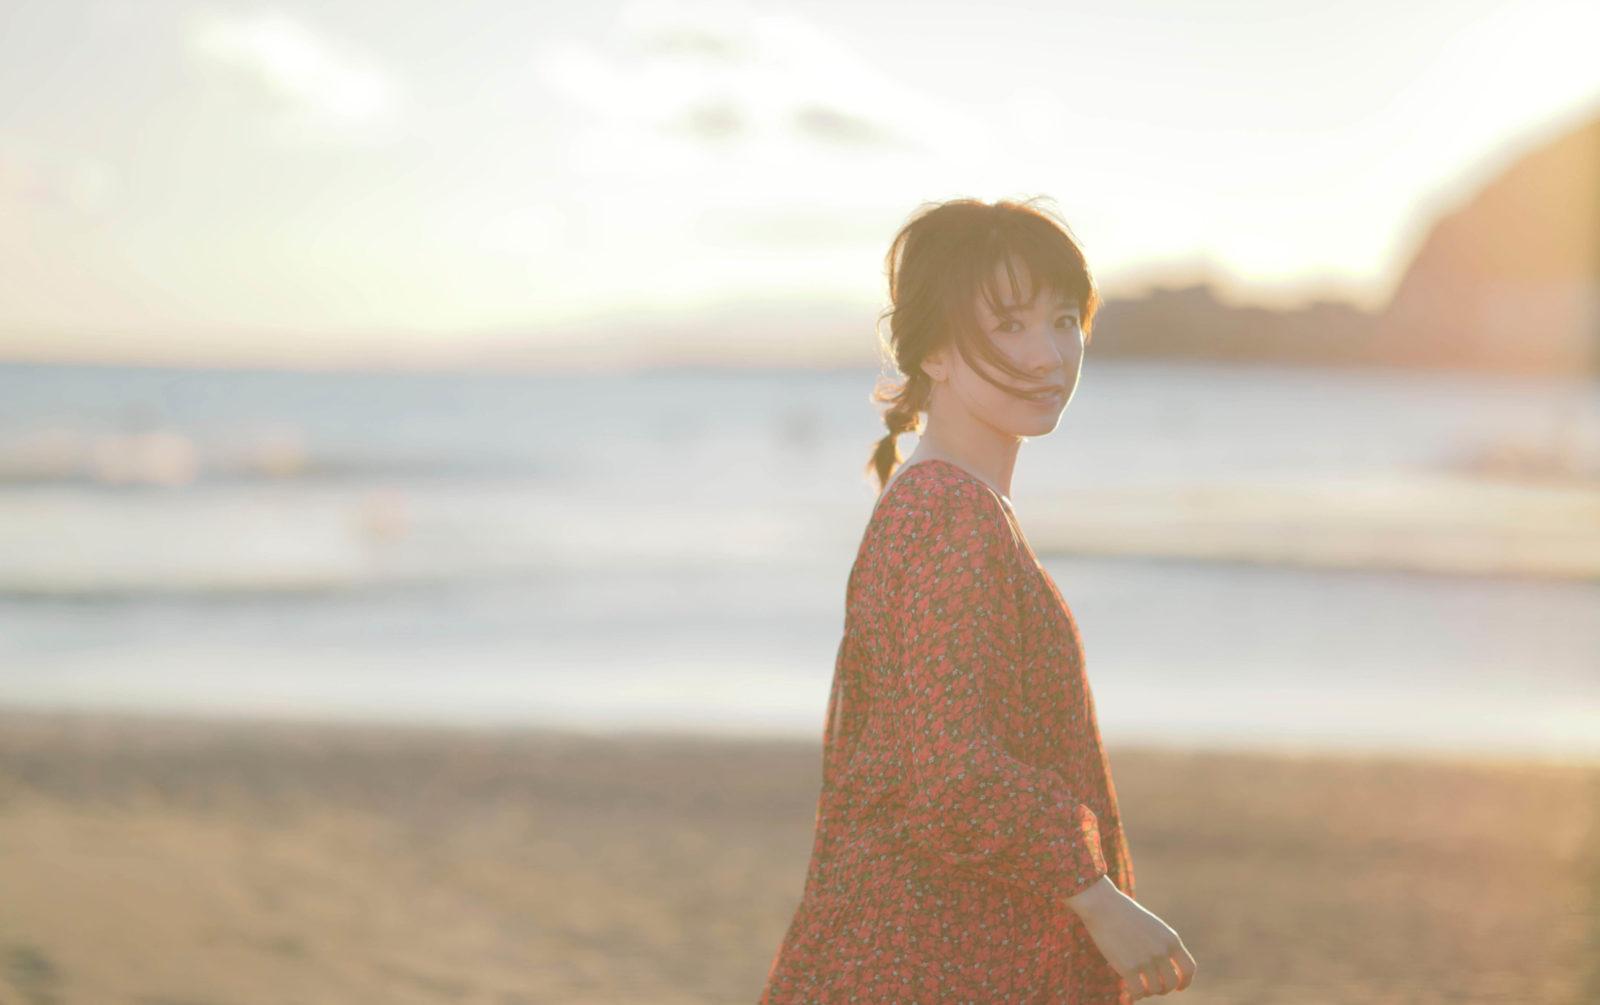 藤田麻衣子、初のYouTubeLIVE特番が1月16日配信決定サムネイル画像!